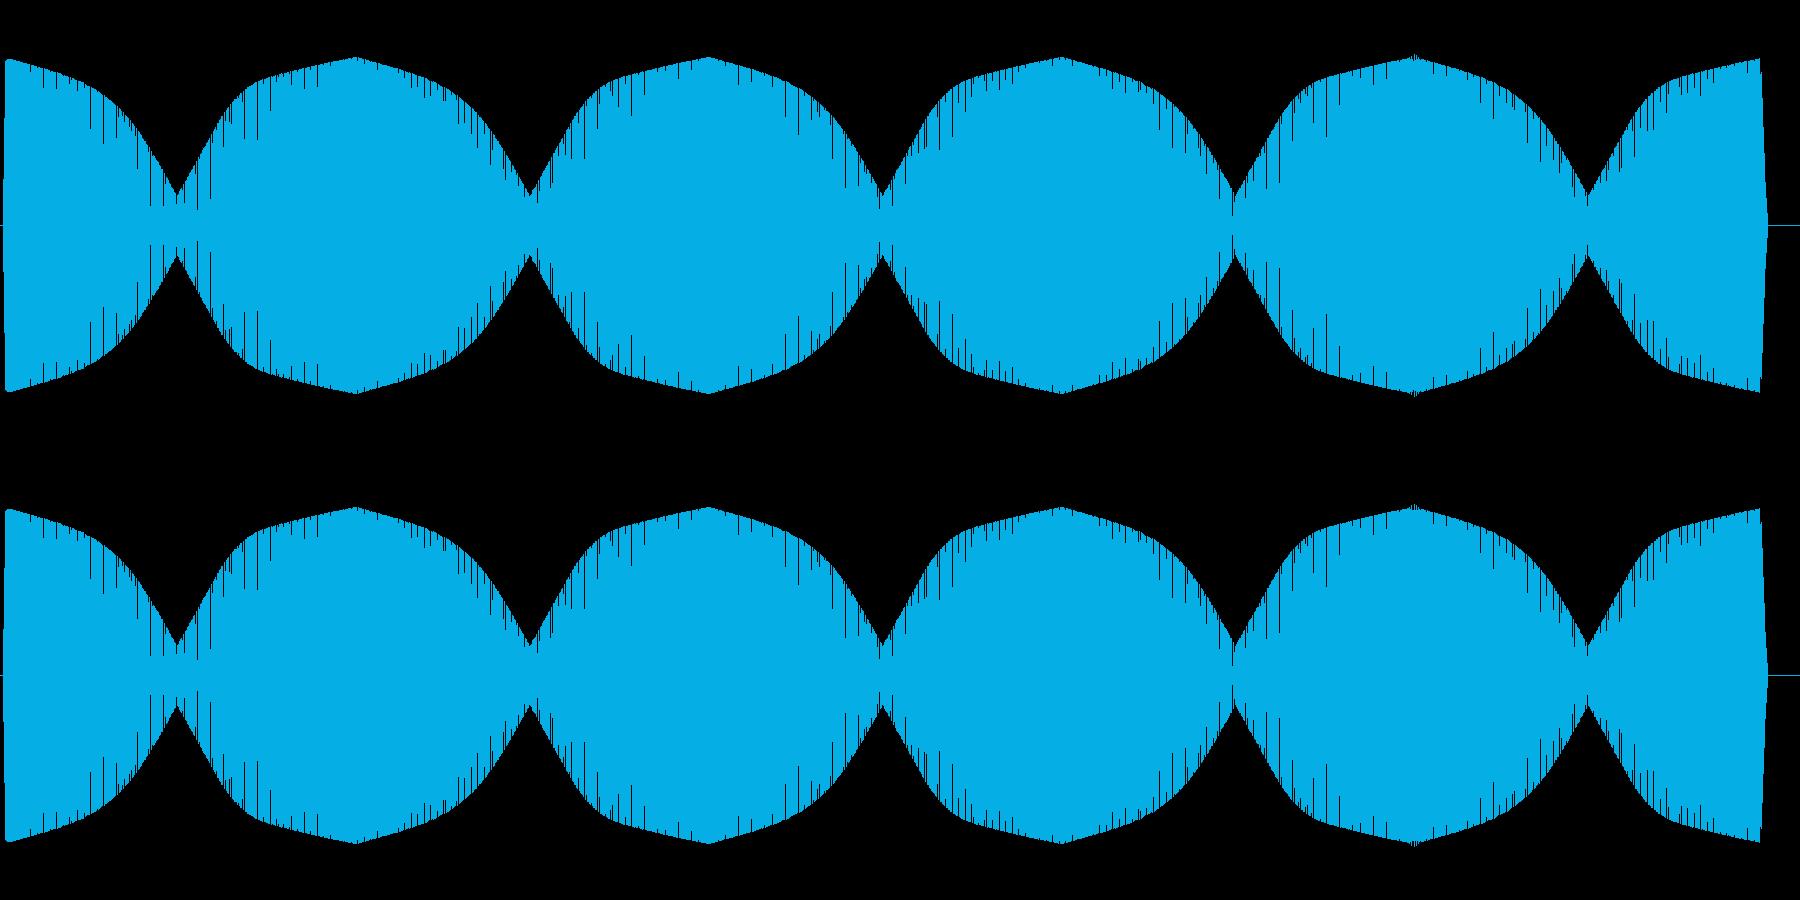 ワープエンジン(一定周期で繰り返される)の再生済みの波形